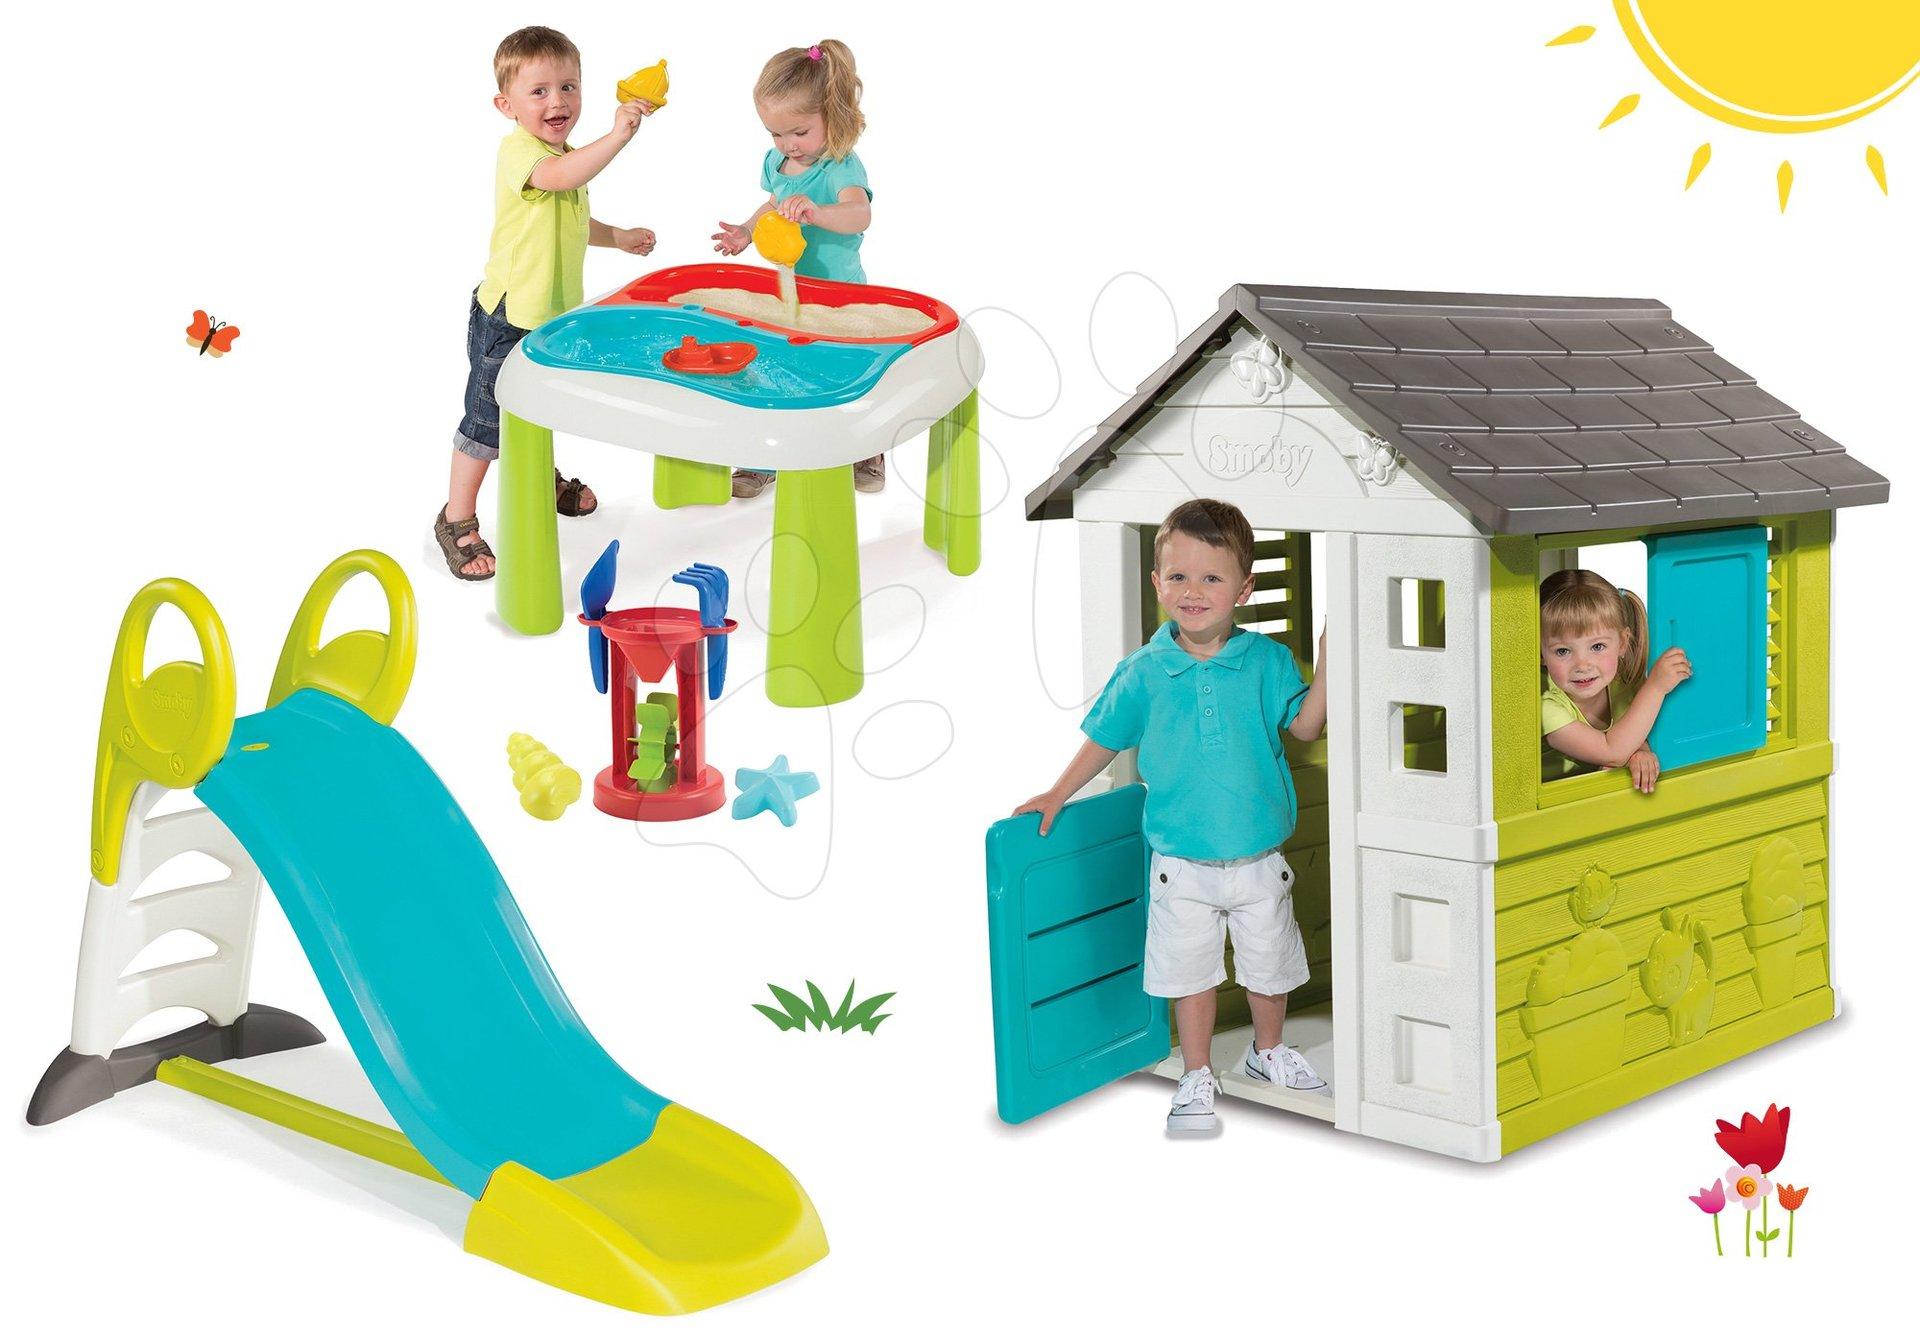 Smoby set dětský domeček Pretty Blue, skluzavky Toboggan KS a stolek 310064-5